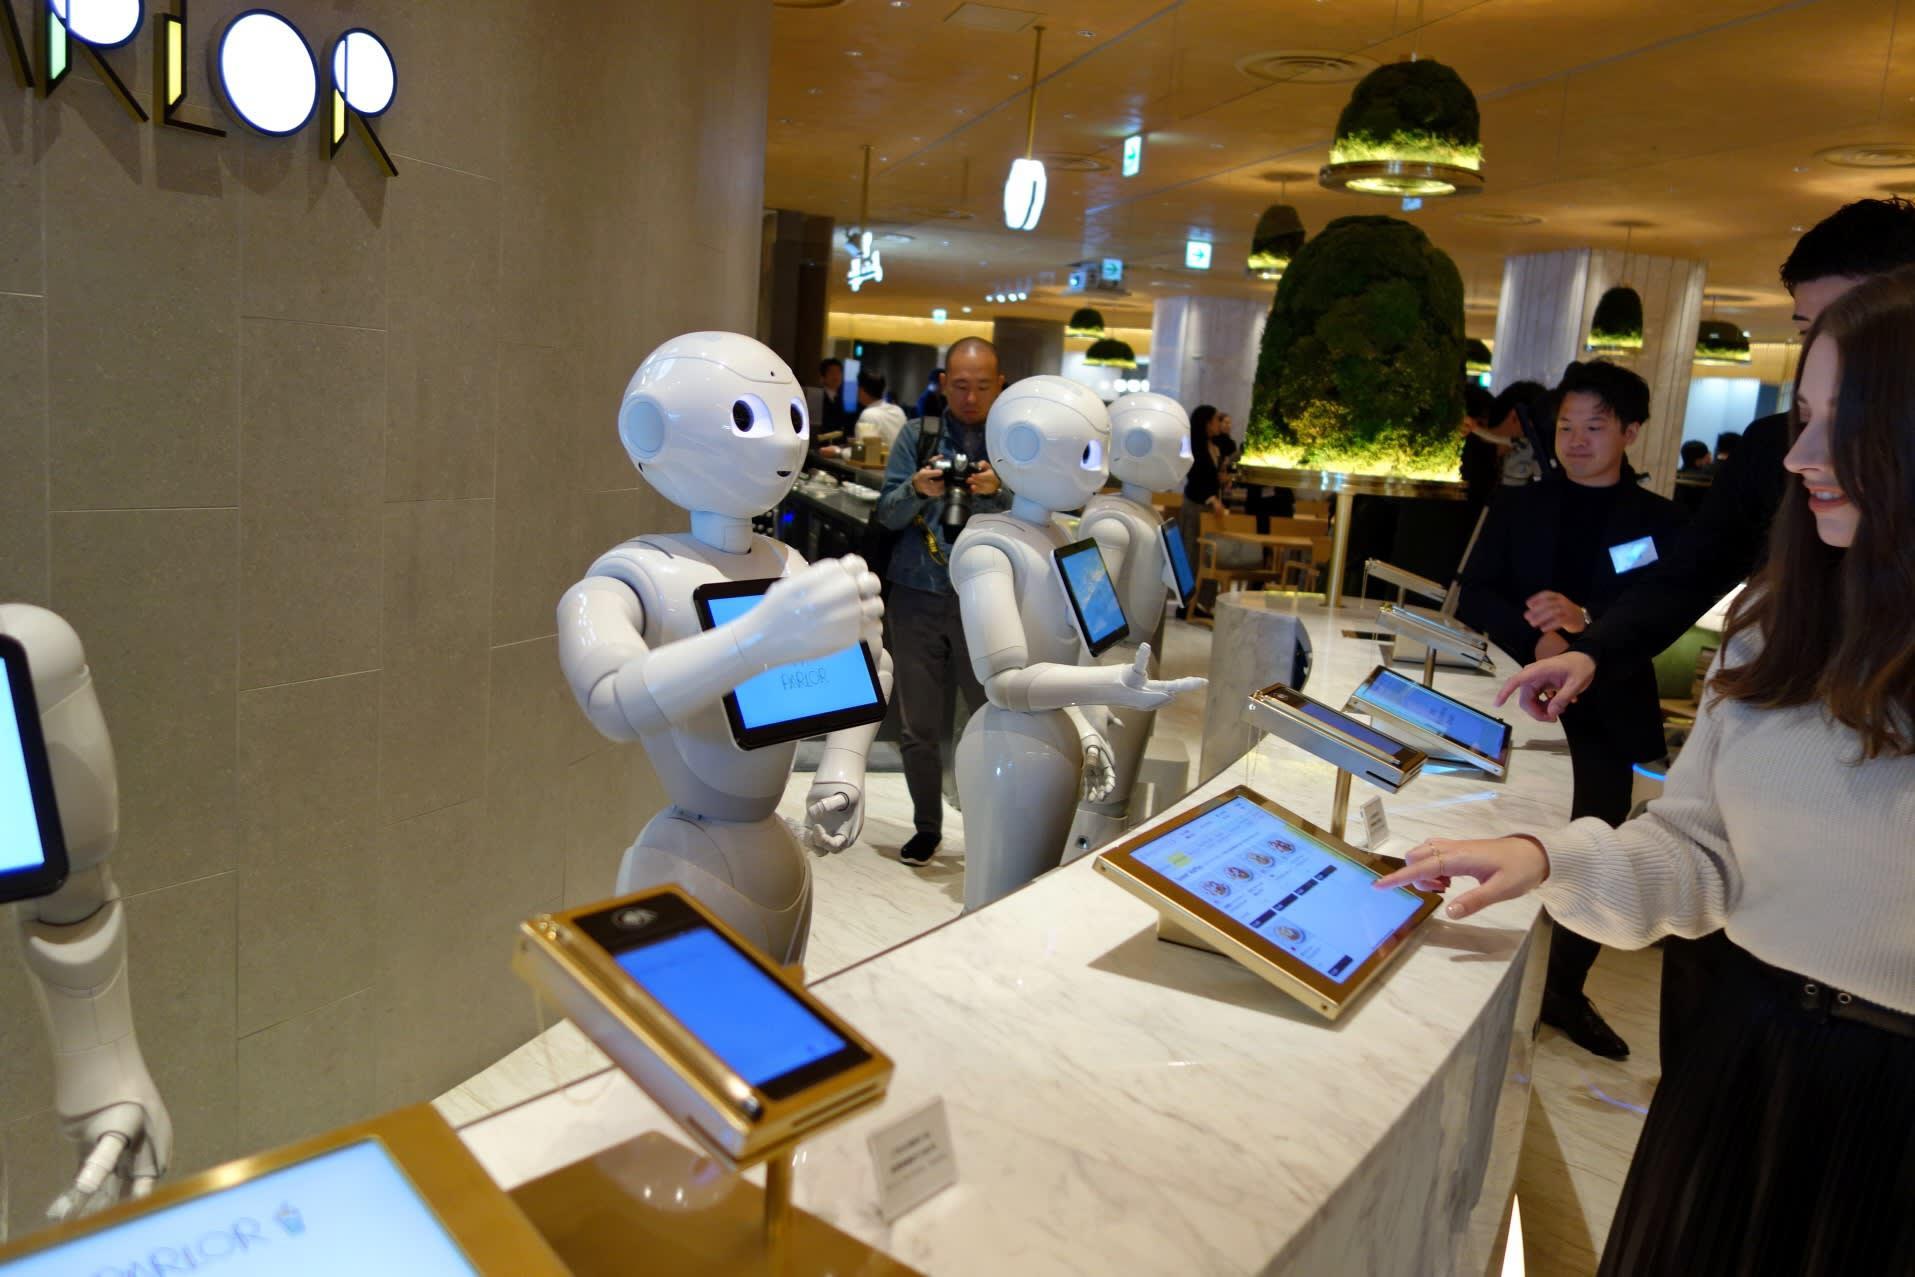 2025-ci ildək robotlara görə neçə insan iş yerini itirəcək?